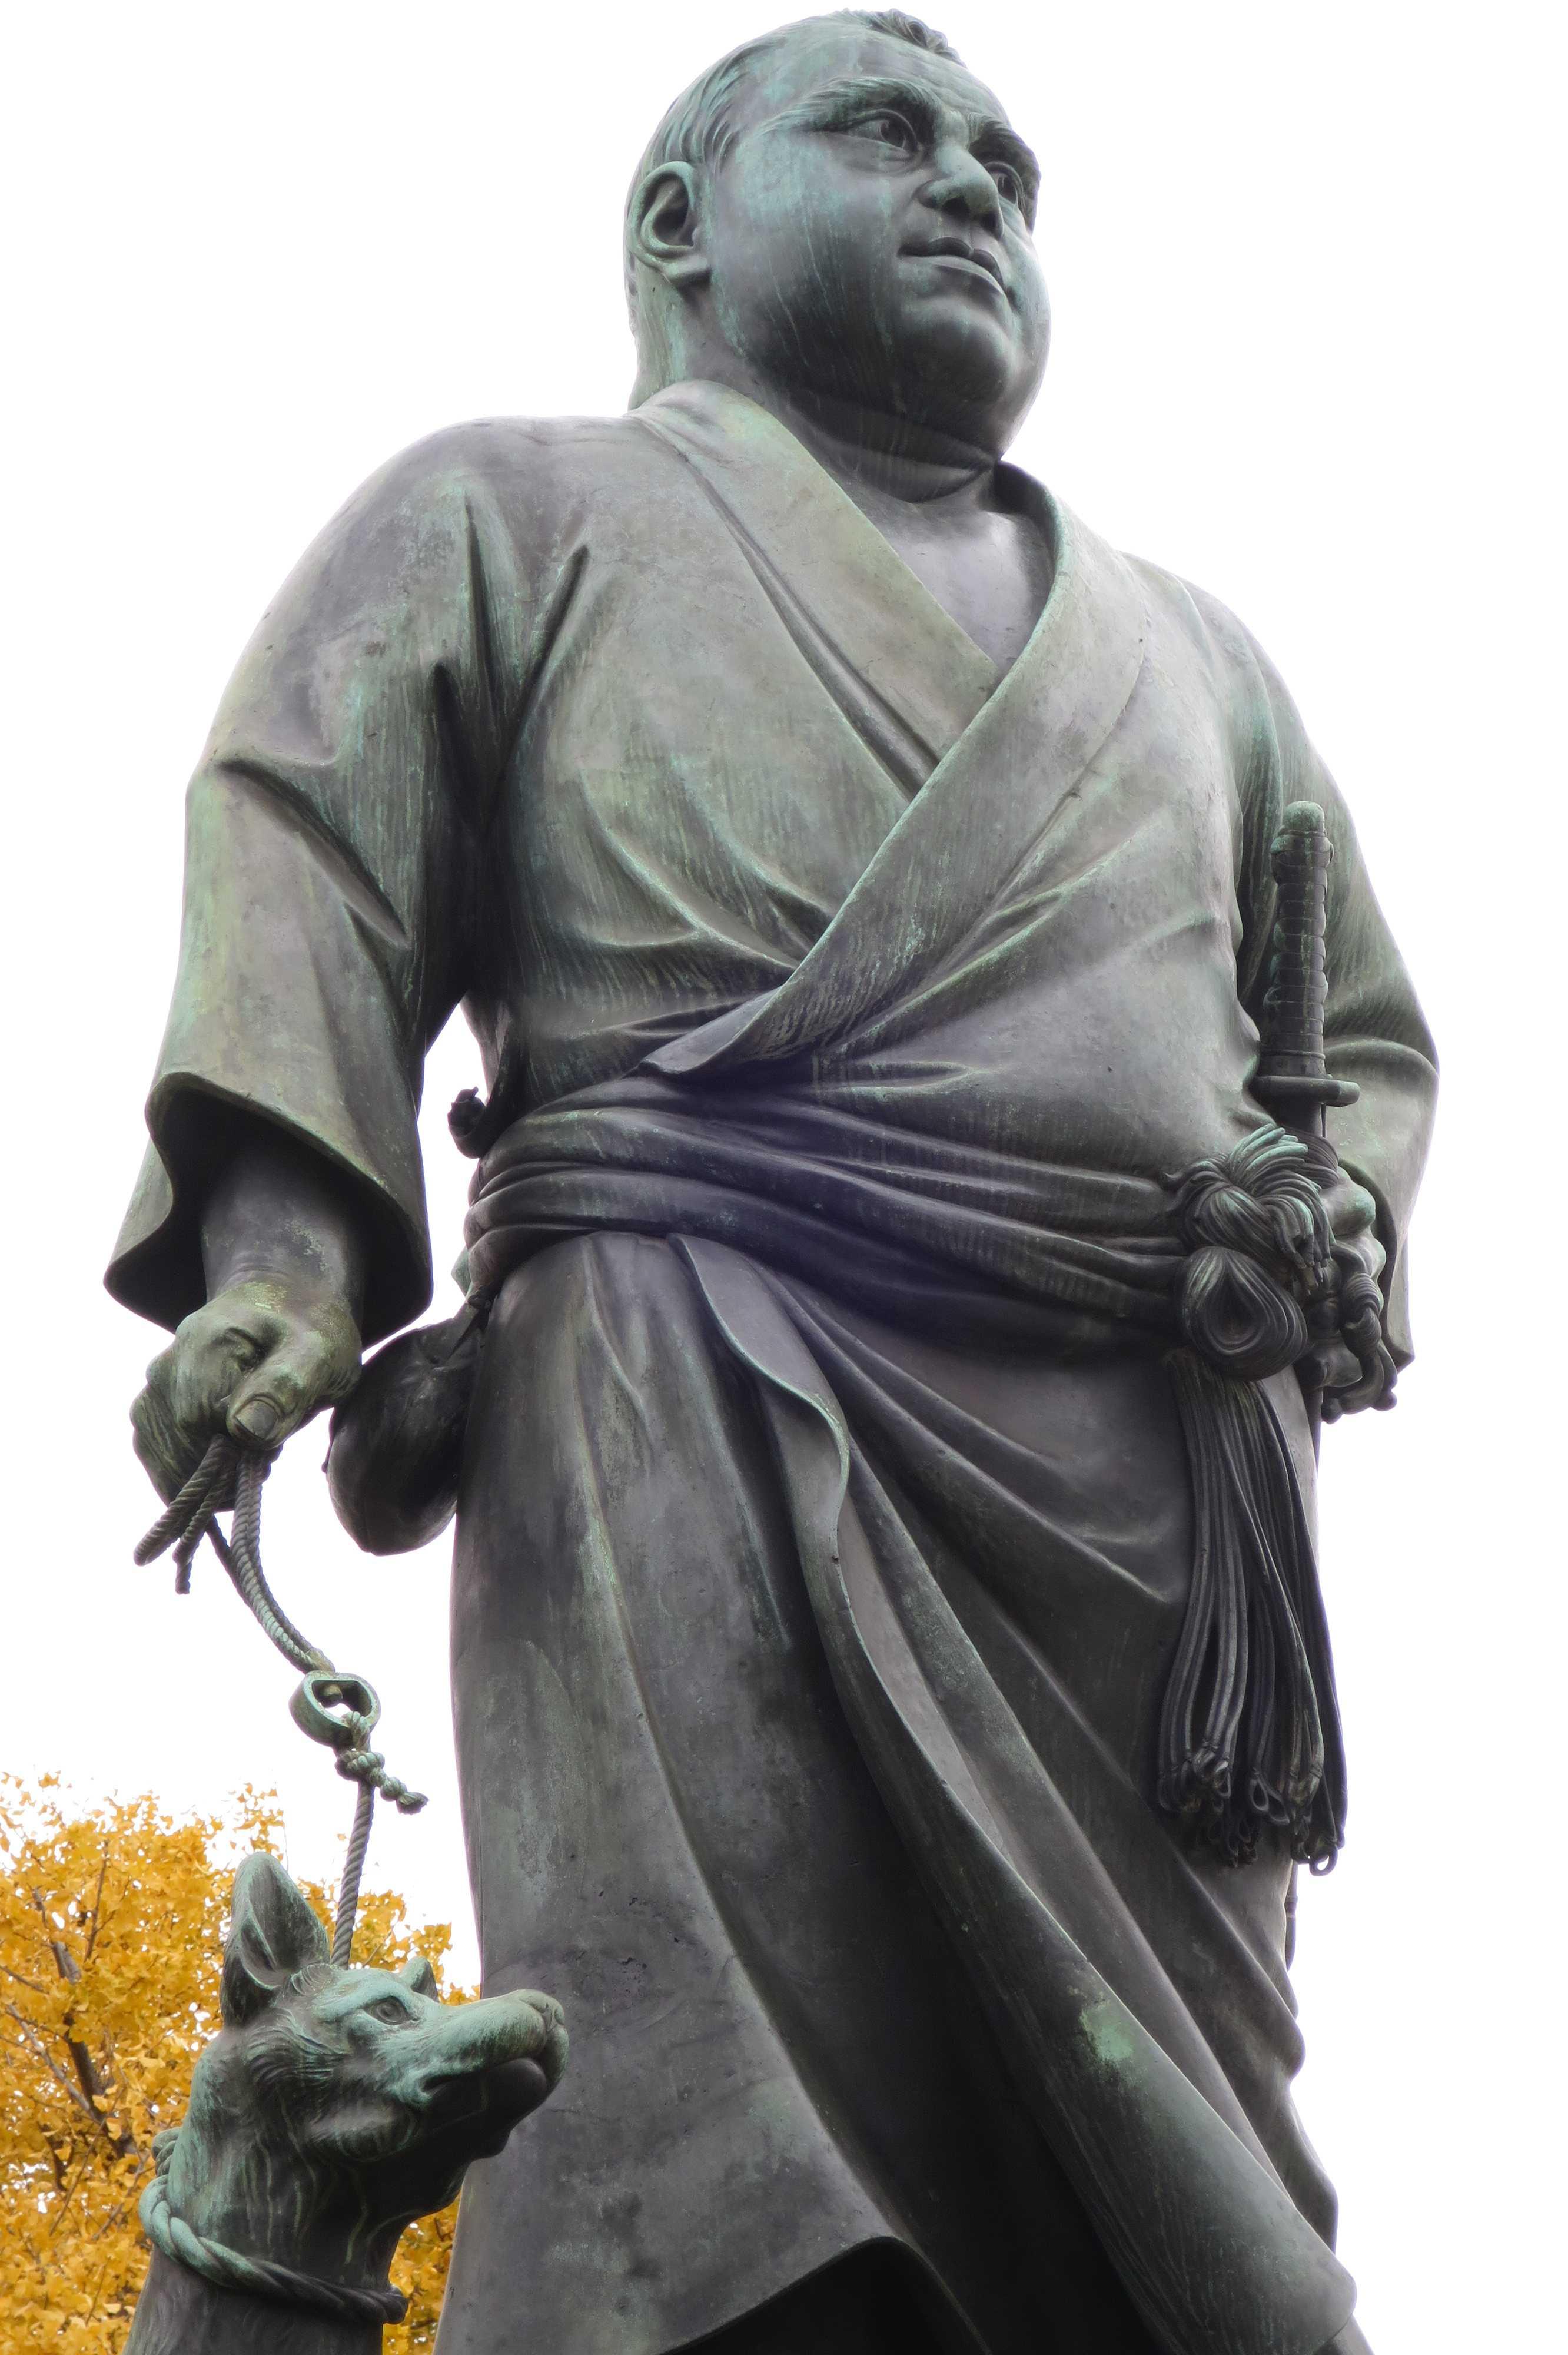 2018年の NHK大河ドラマの主役 - 西郷(せご)どん